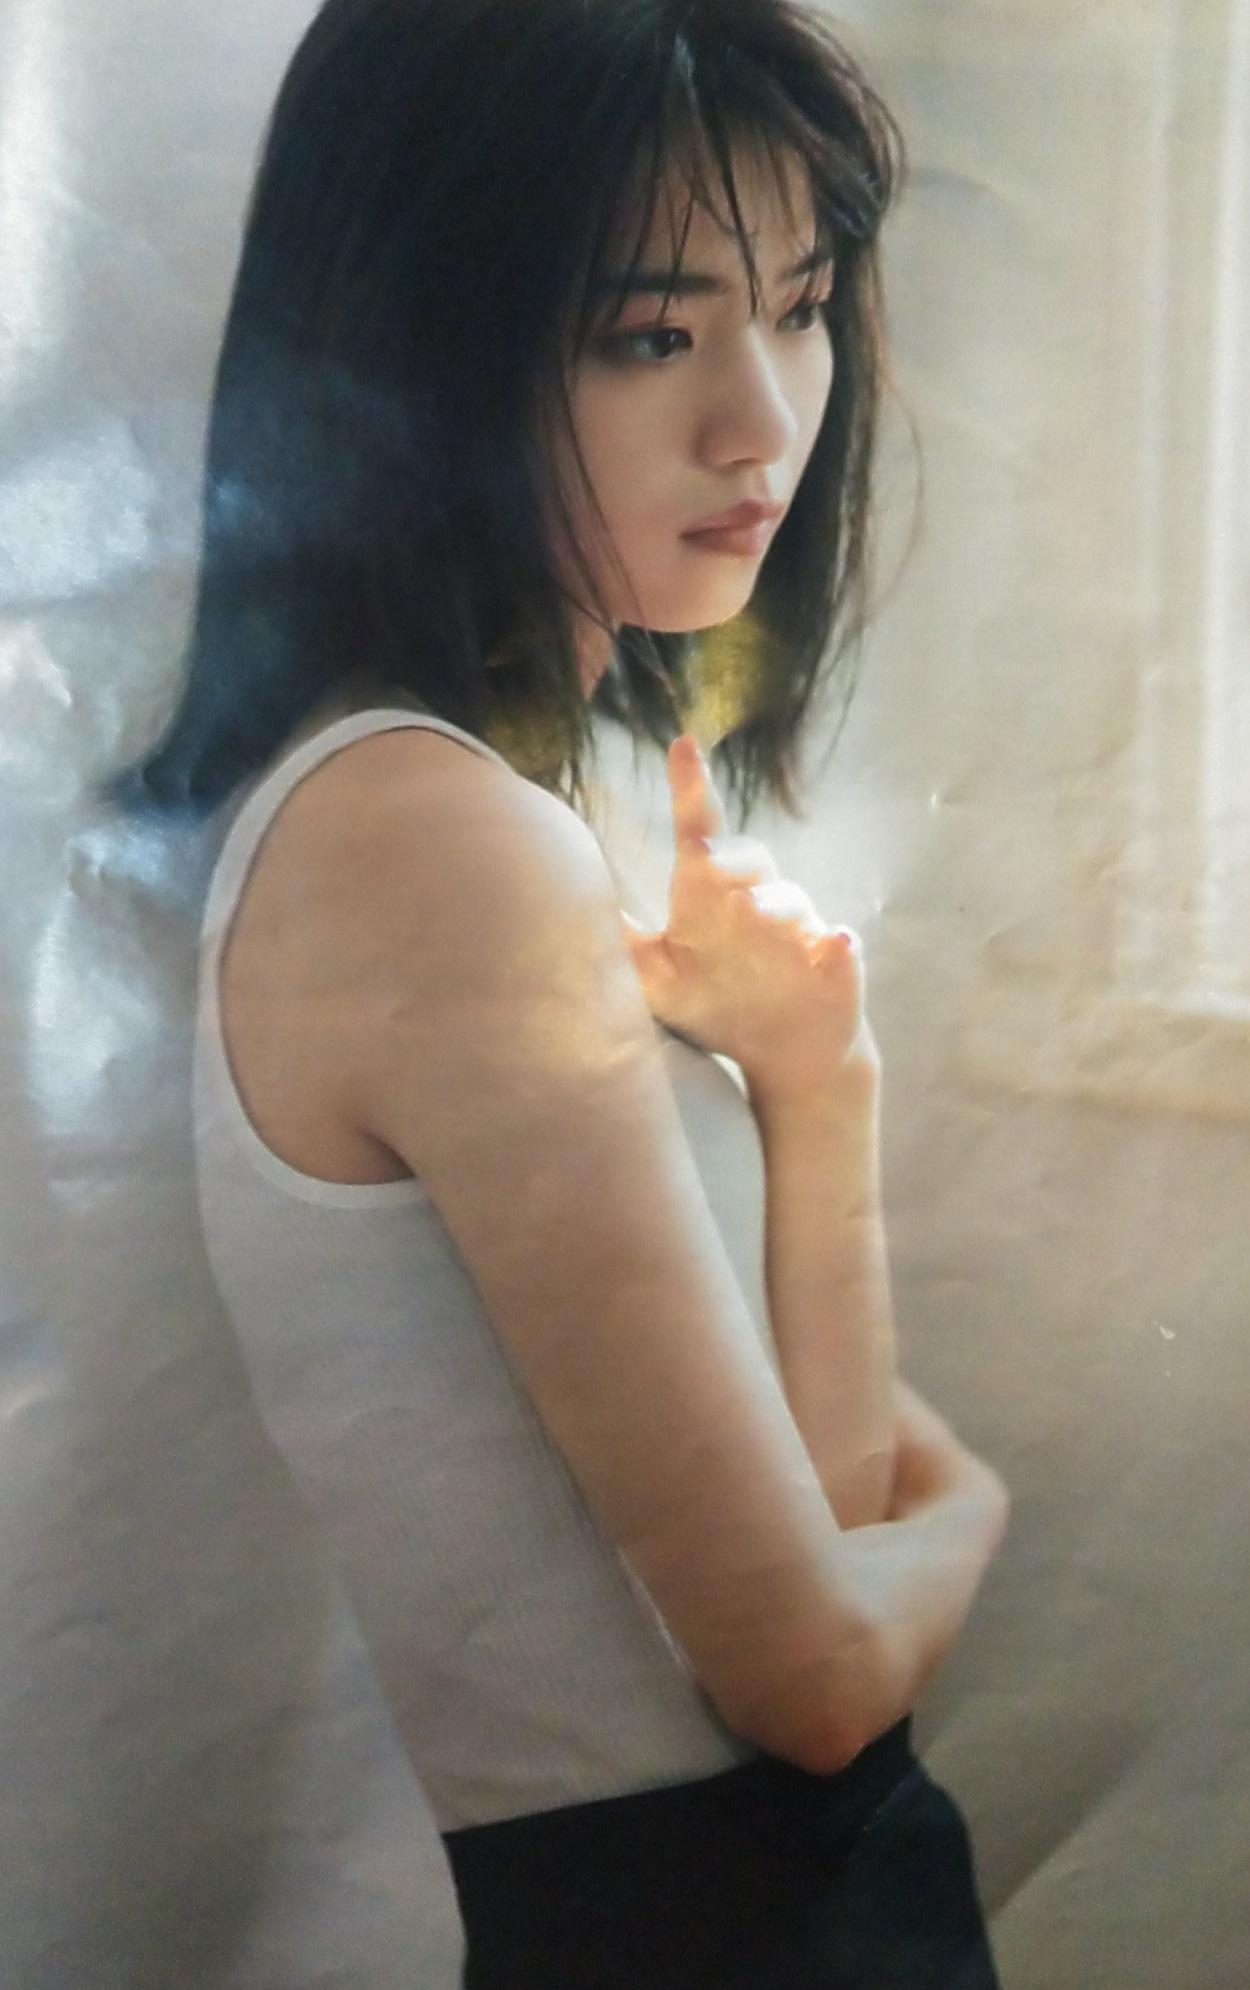 2019.11.22 西野七瀬さん(フライデー) 1250-1990